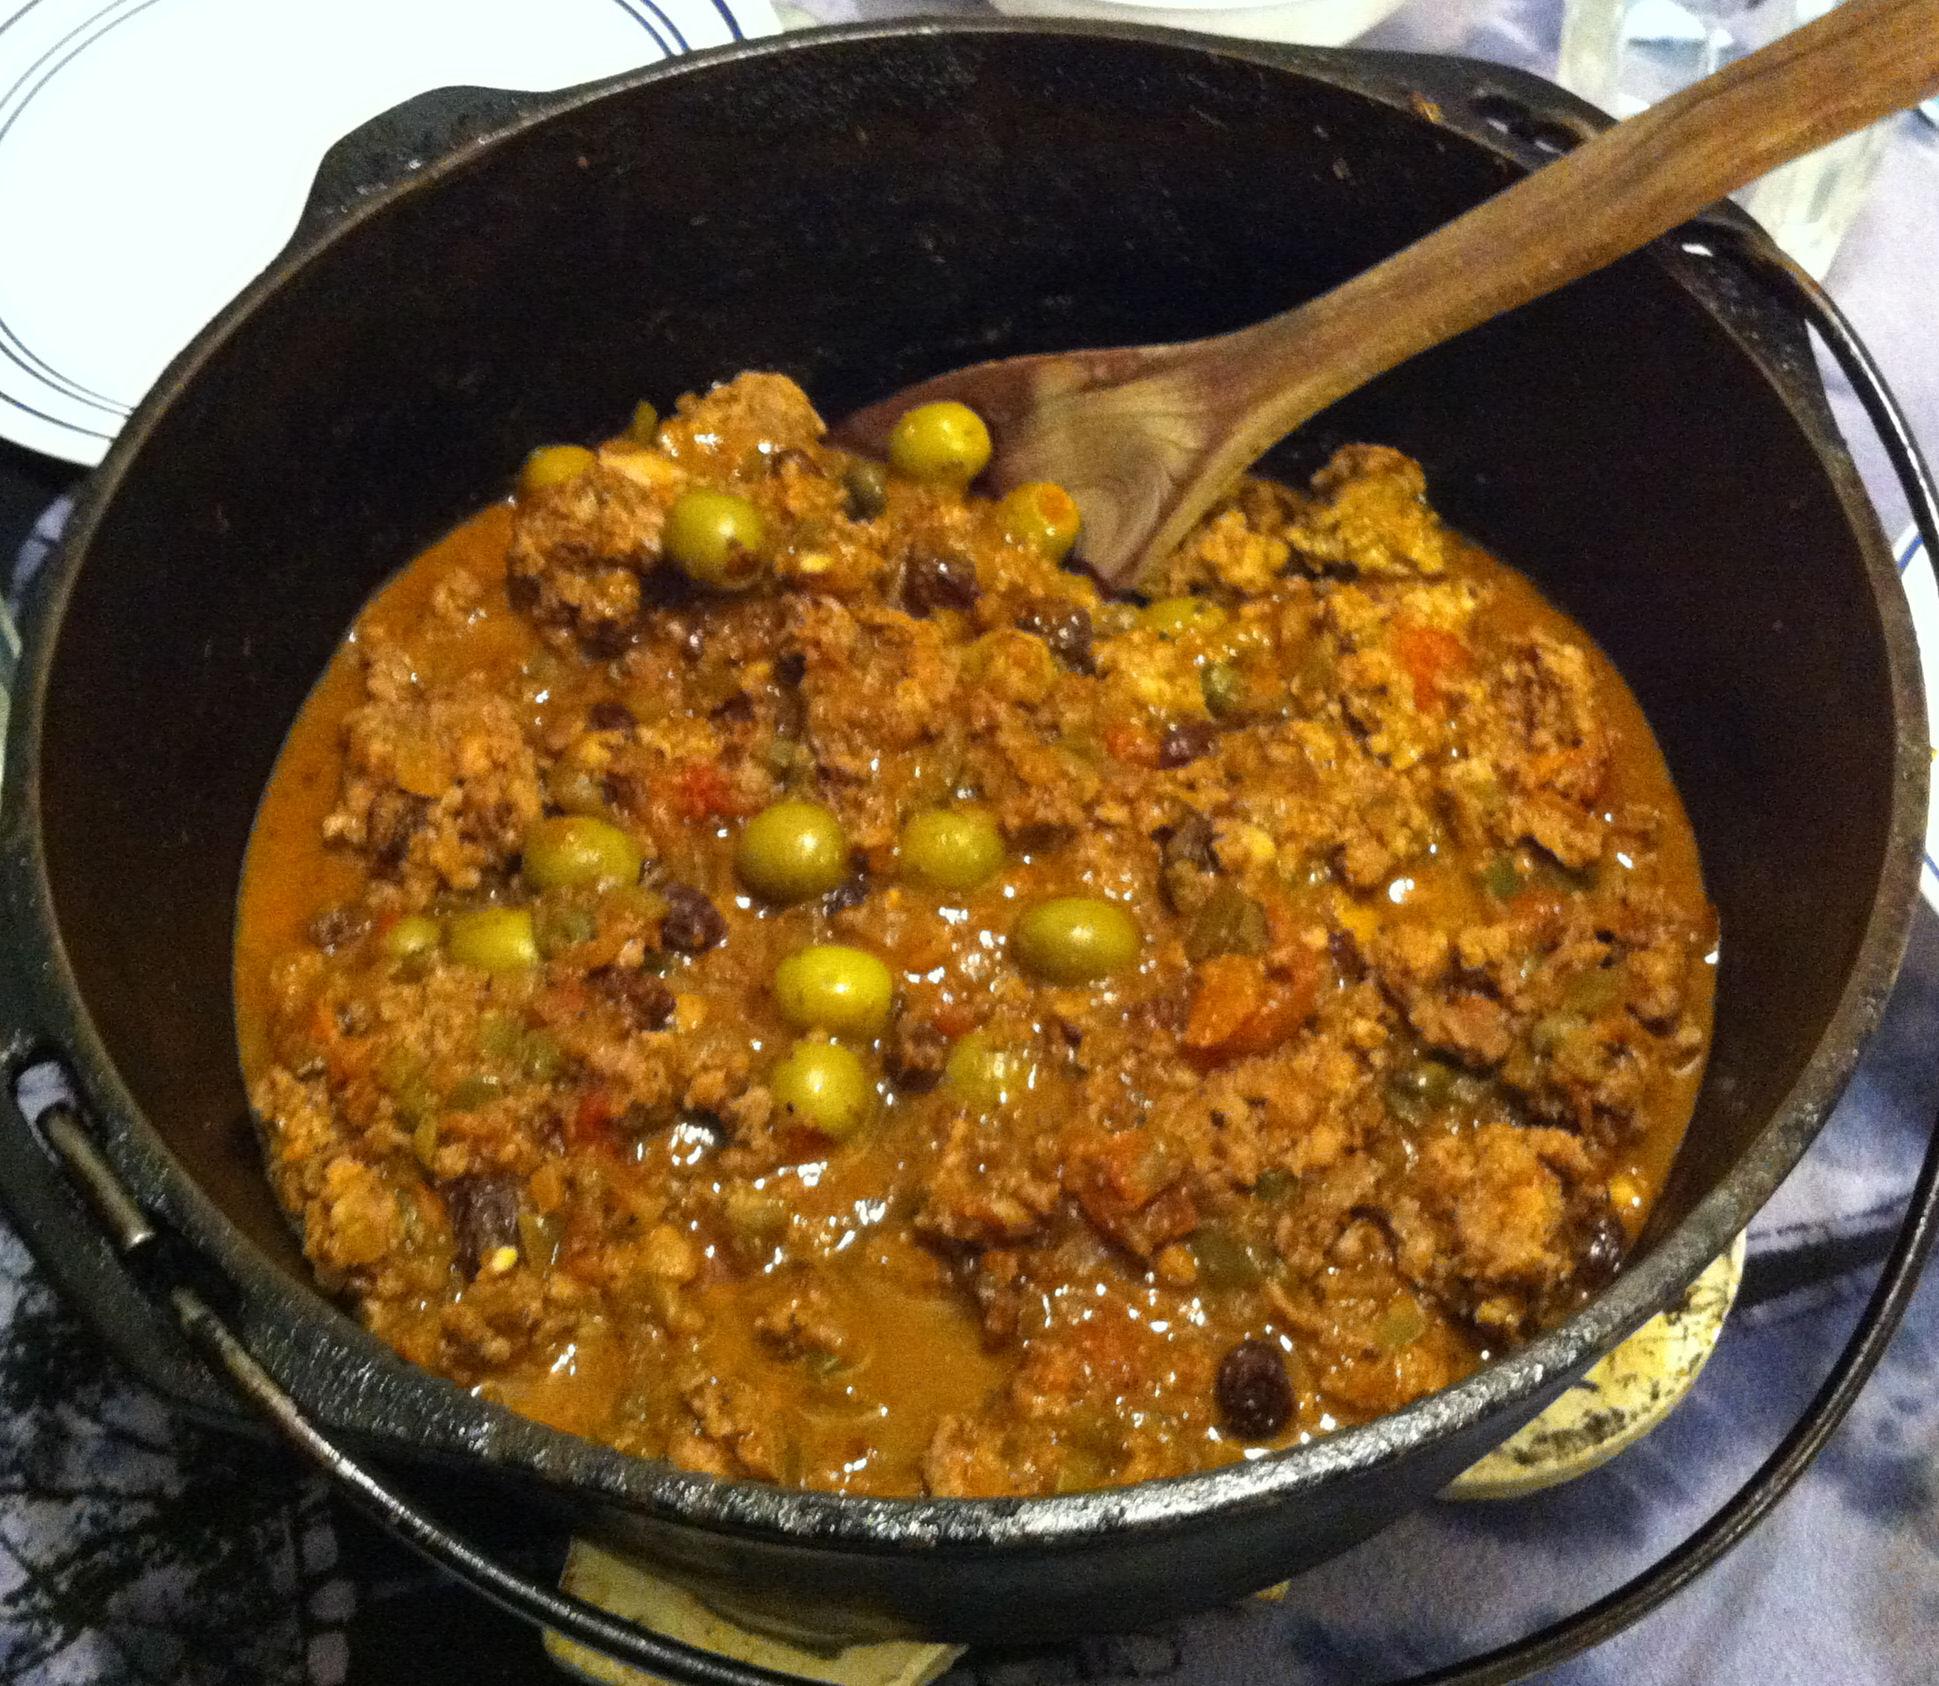 Cuban Chili Jabberwocky Stew